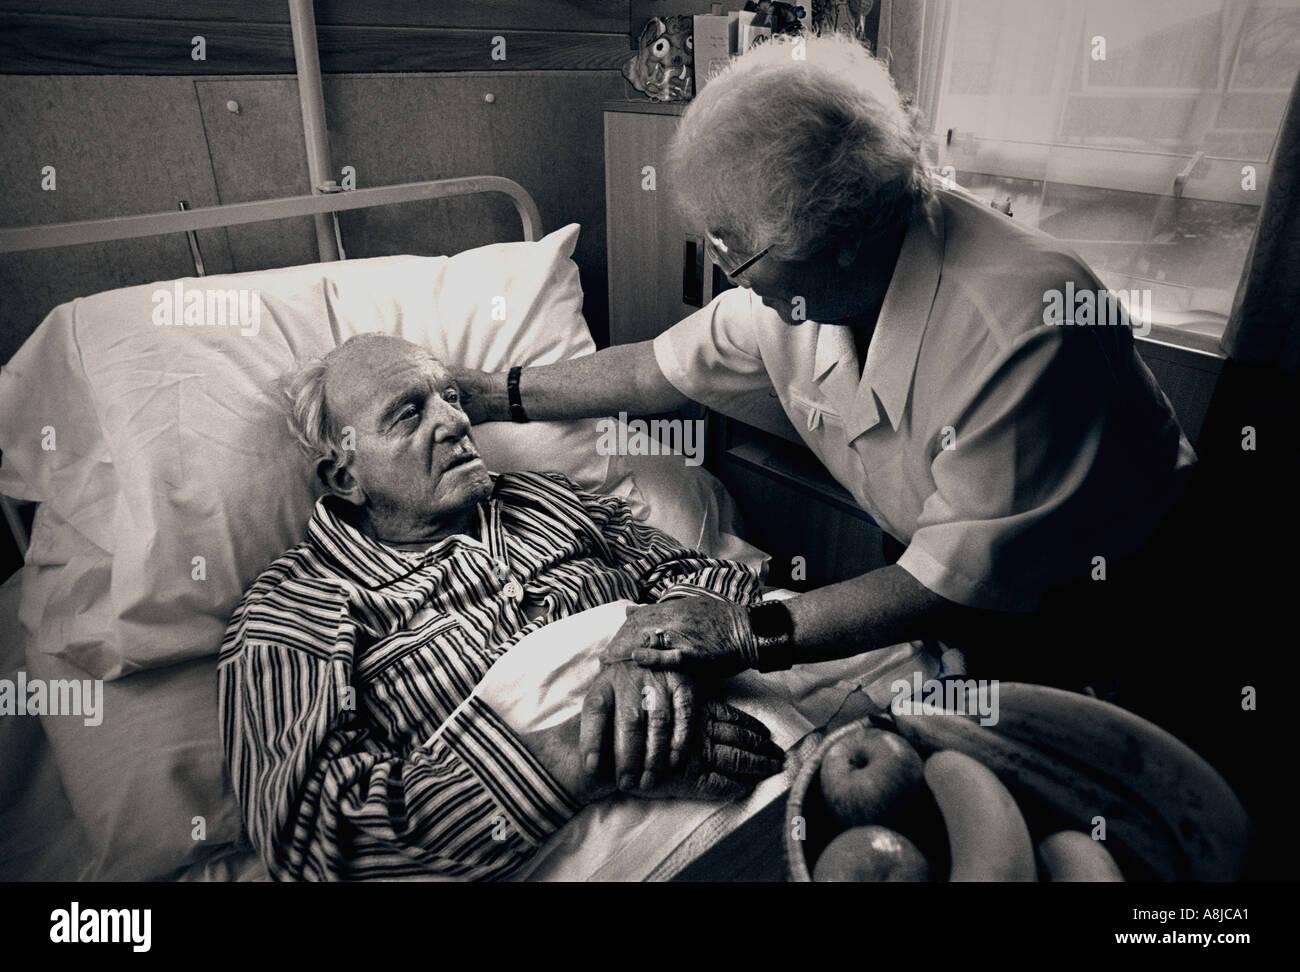 Visita caregiver moglie comfort compagno anziano gentiluomo nella sua cura home bed in bianco e nero di trattamento dai toni Immagini Stock